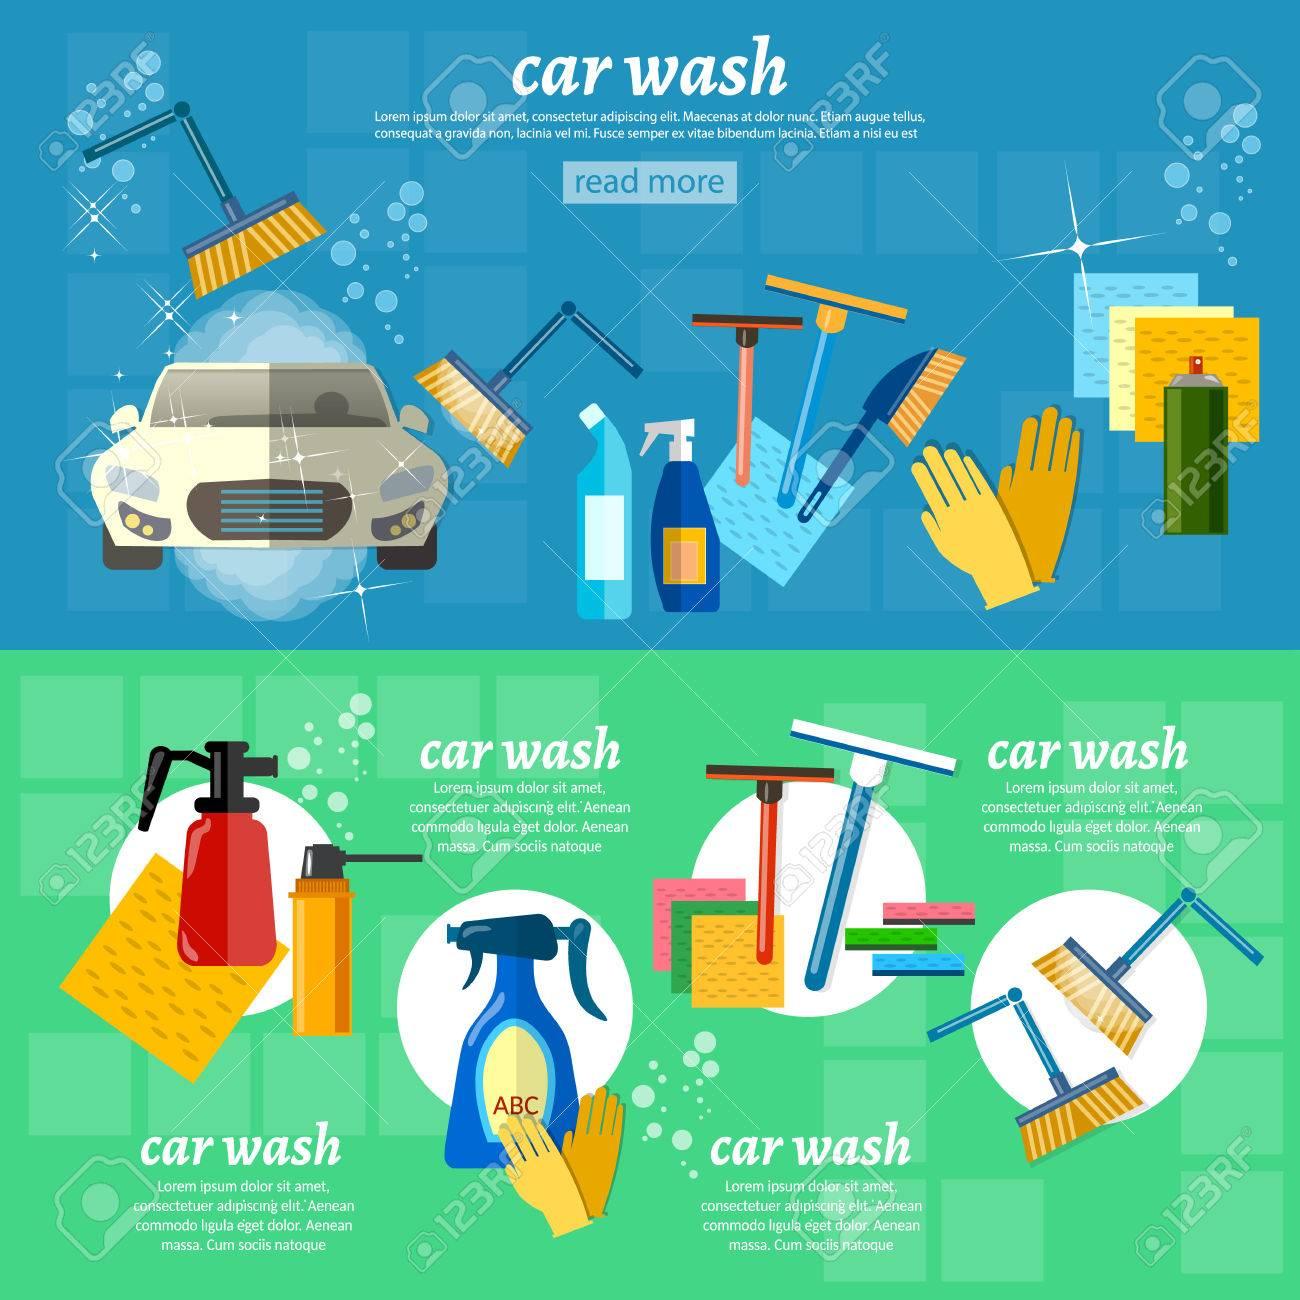 Entretien Machine A Laver lavage de voitures voiture machine à laver automatique entretien automobile  illustration vectorielle